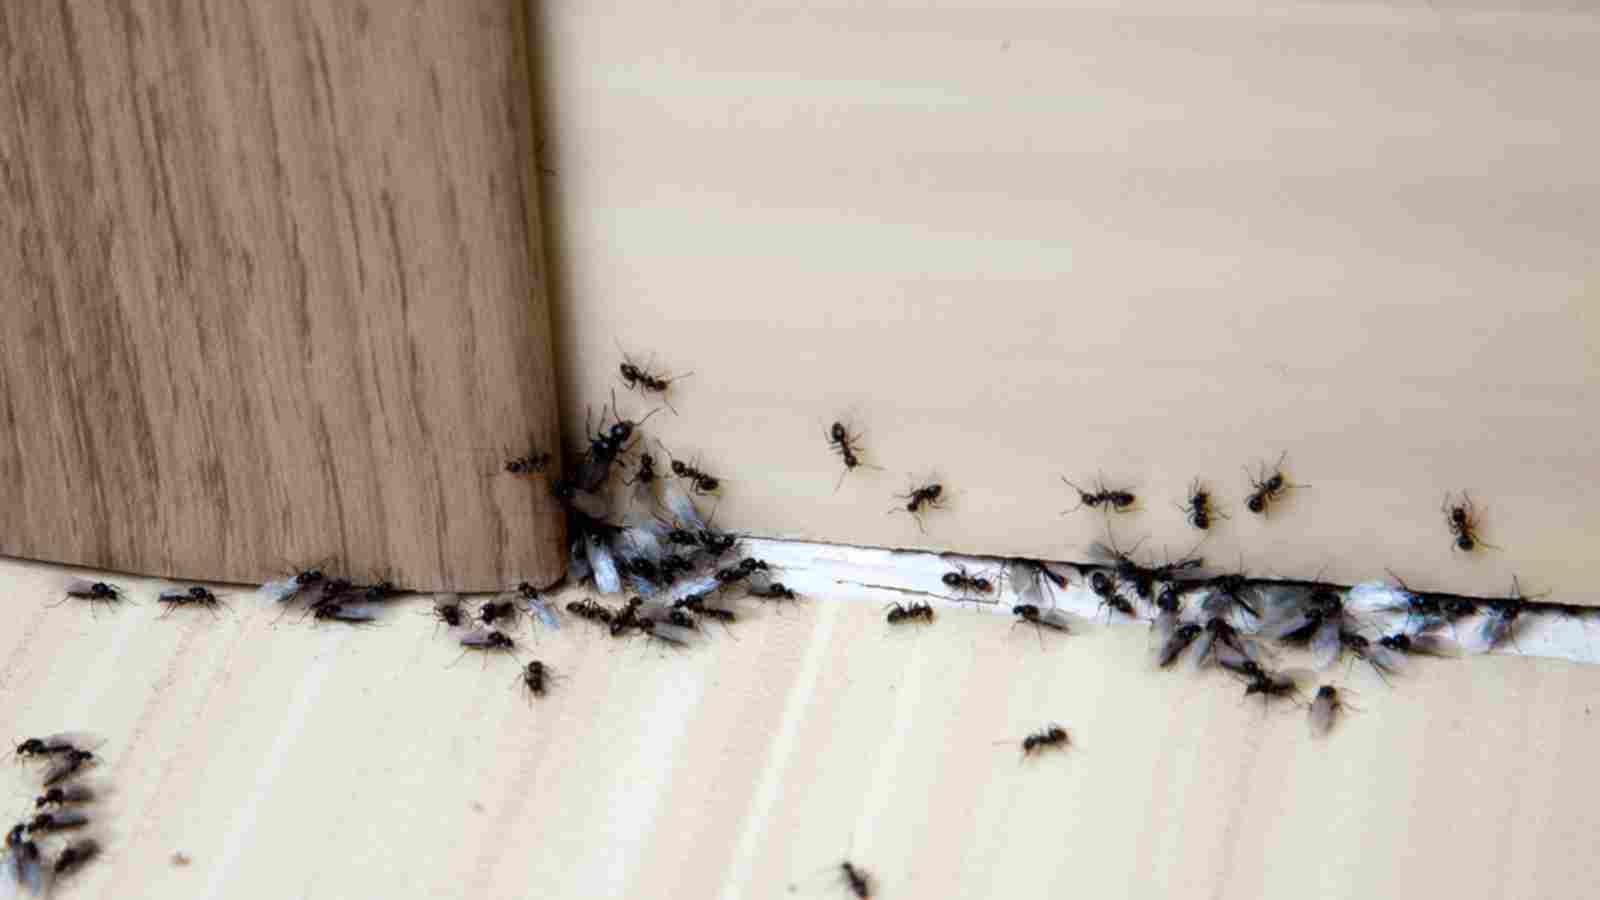 ما يعادل باستخدام الكمبيوتر سمعة النمل في المنزل Virelaine Org